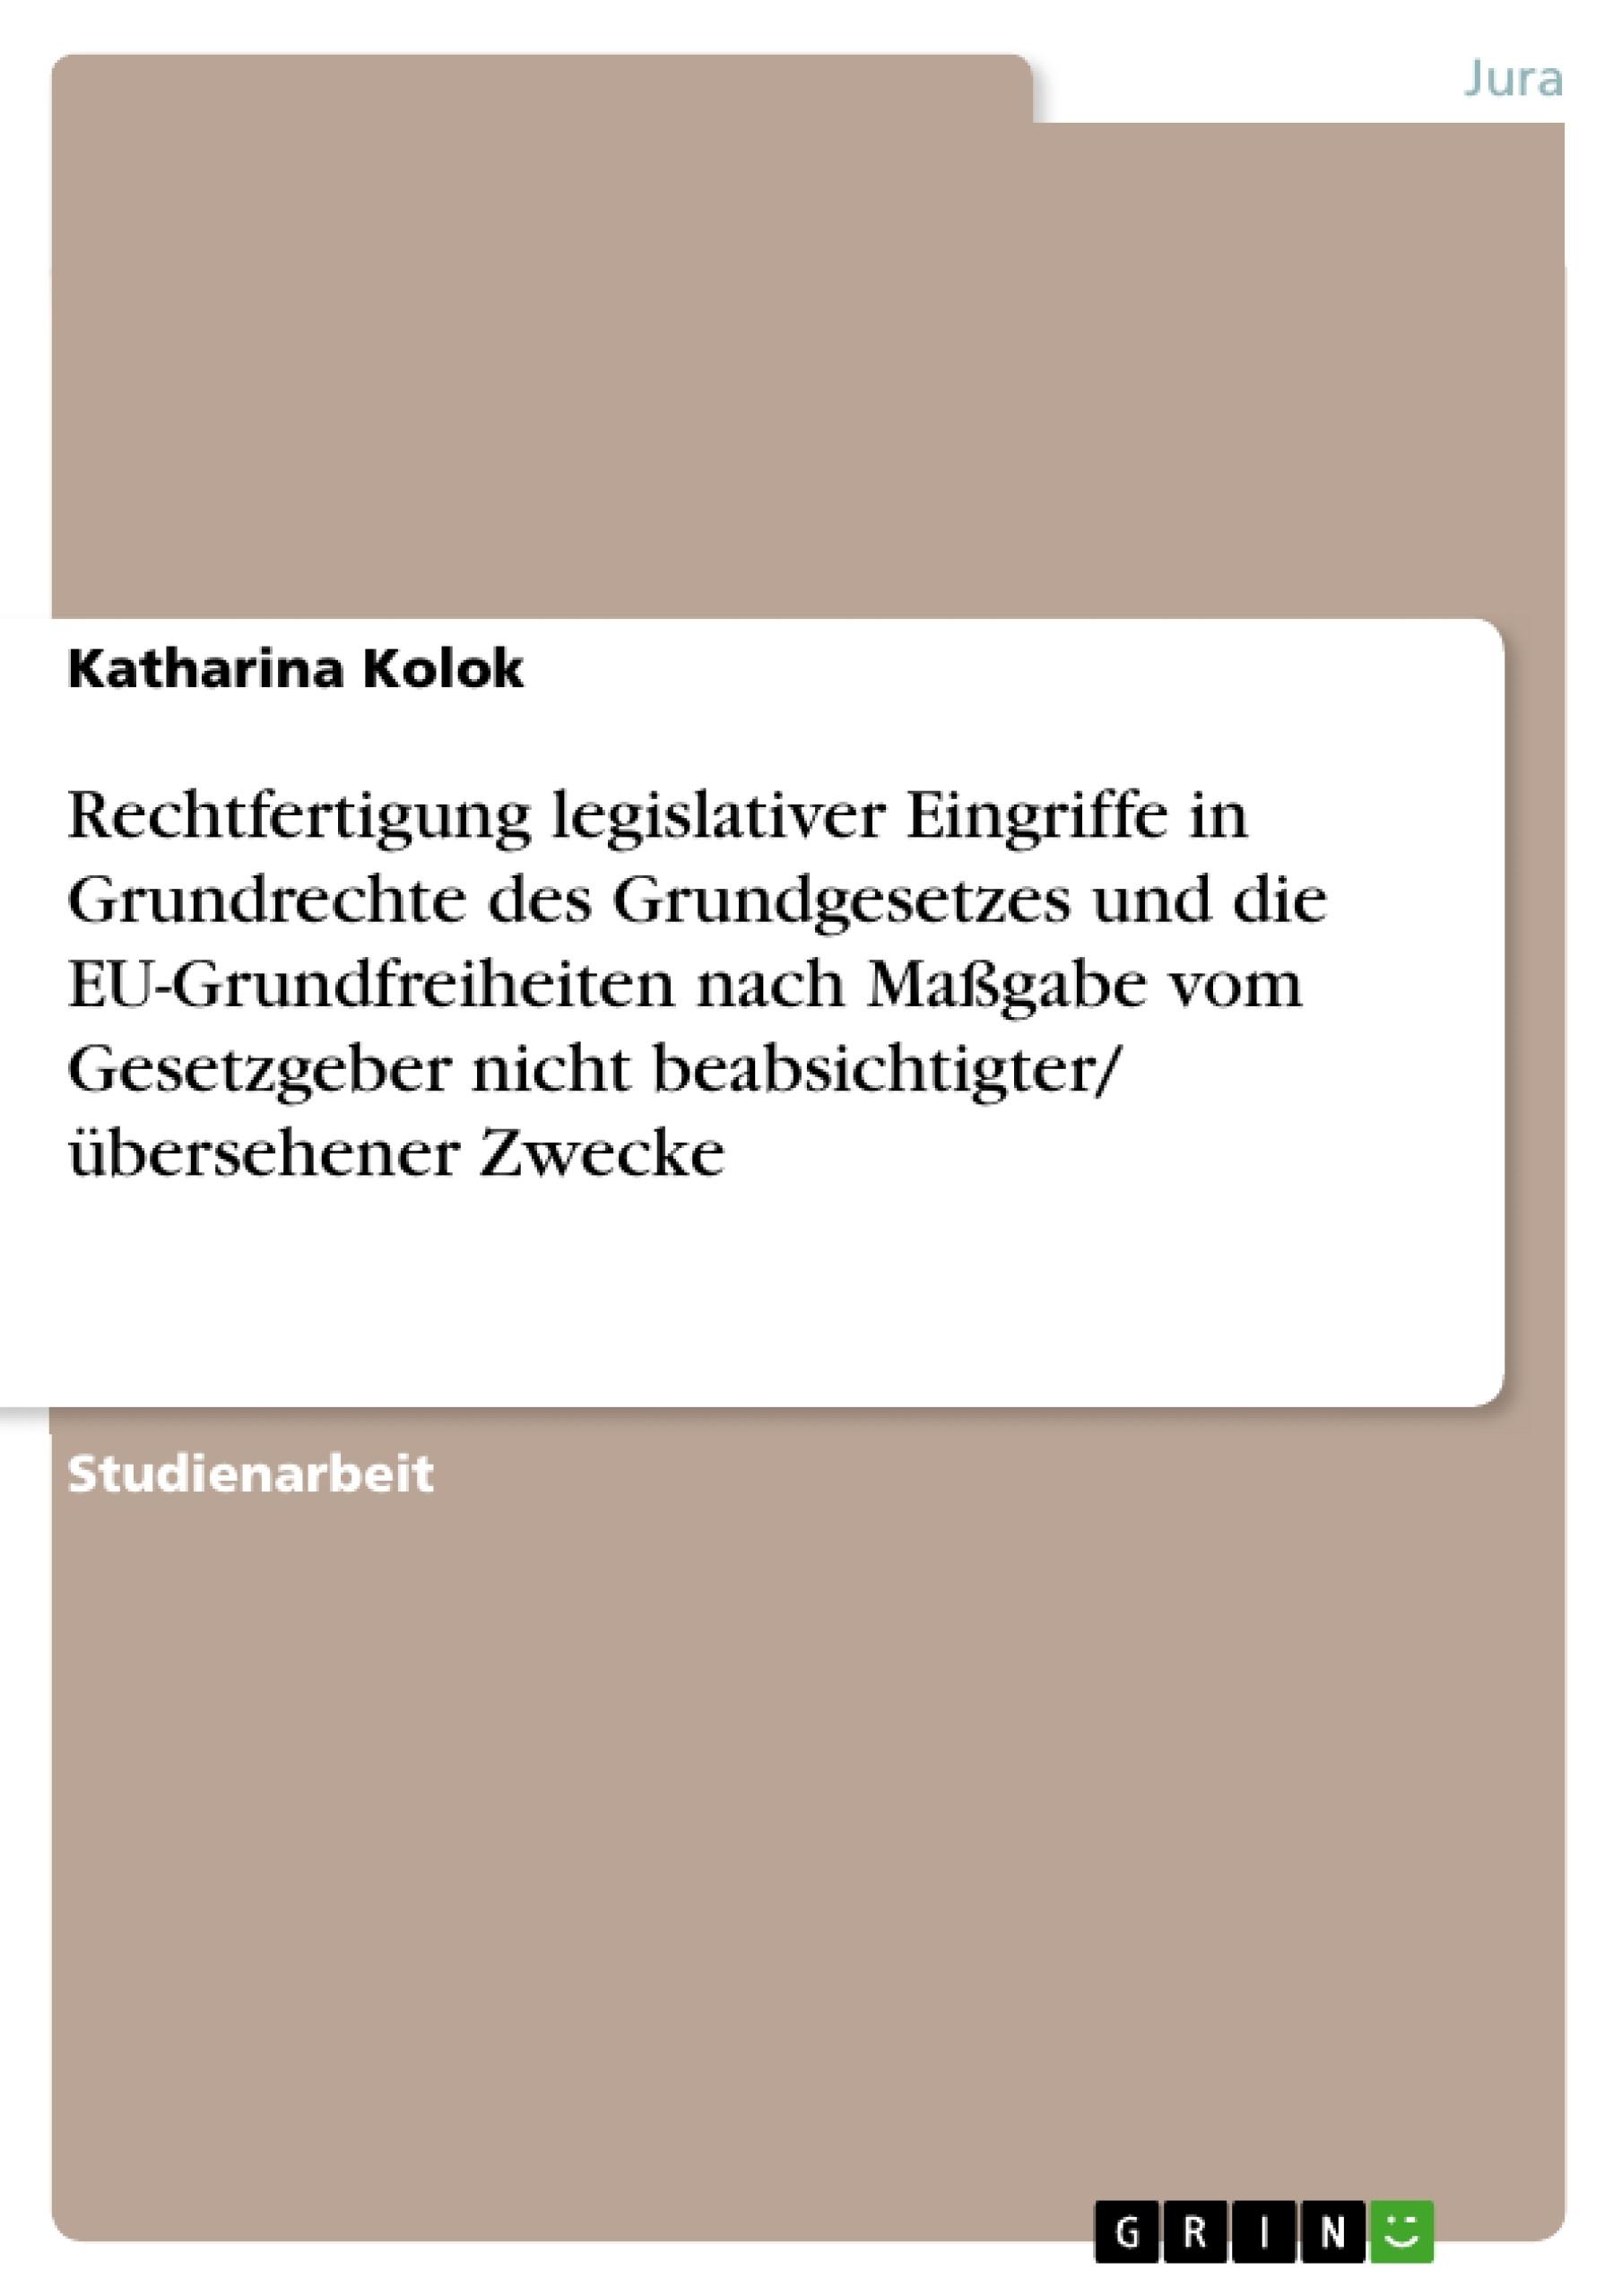 Titel: Rechtfertigung legislativer Eingriffe in Grundrechte des Grundgesetzes und die EU-Grundfreiheiten nach Maßgabe vom Gesetzgeber nicht beabsichtigter/ übersehener Zwecke